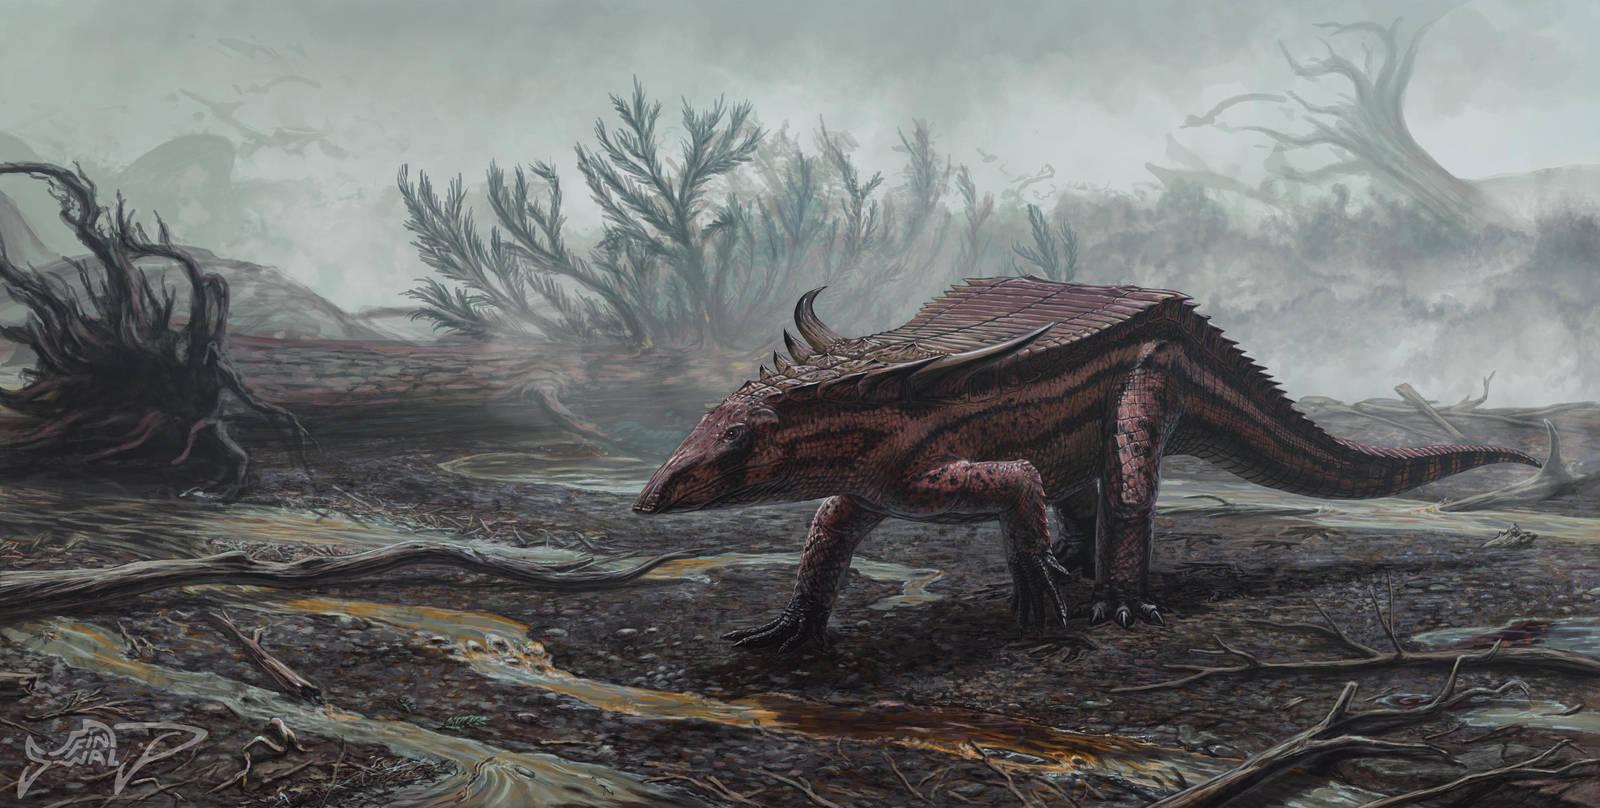 Desmatosuchus | Dino D-day Wiki | FANDOM powered by Wikia